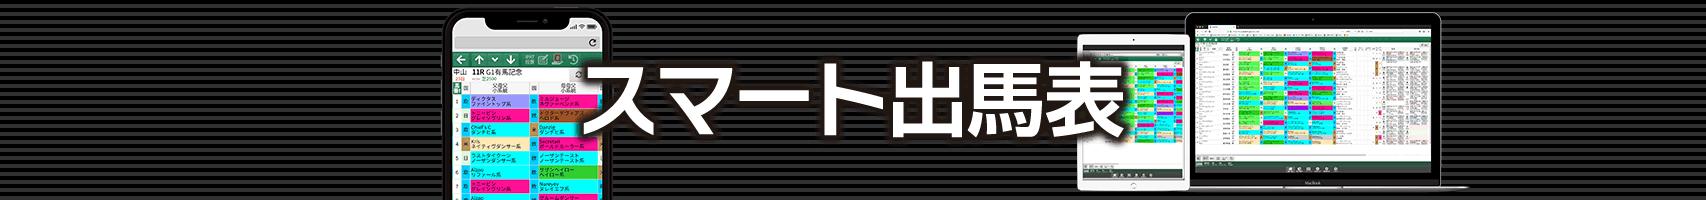 【無料公開】富士S/ 亀谷サロン限定公開中のスマート出馬表・次期バージョン